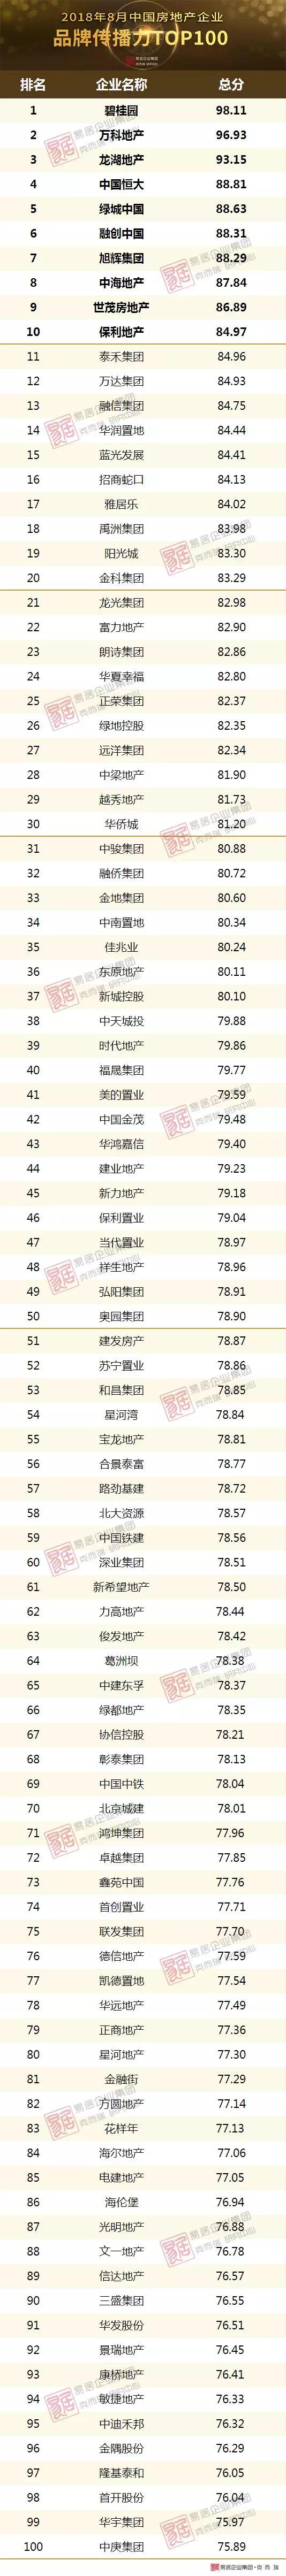 2018年8月中国房地产企业品牌传播力TOP100